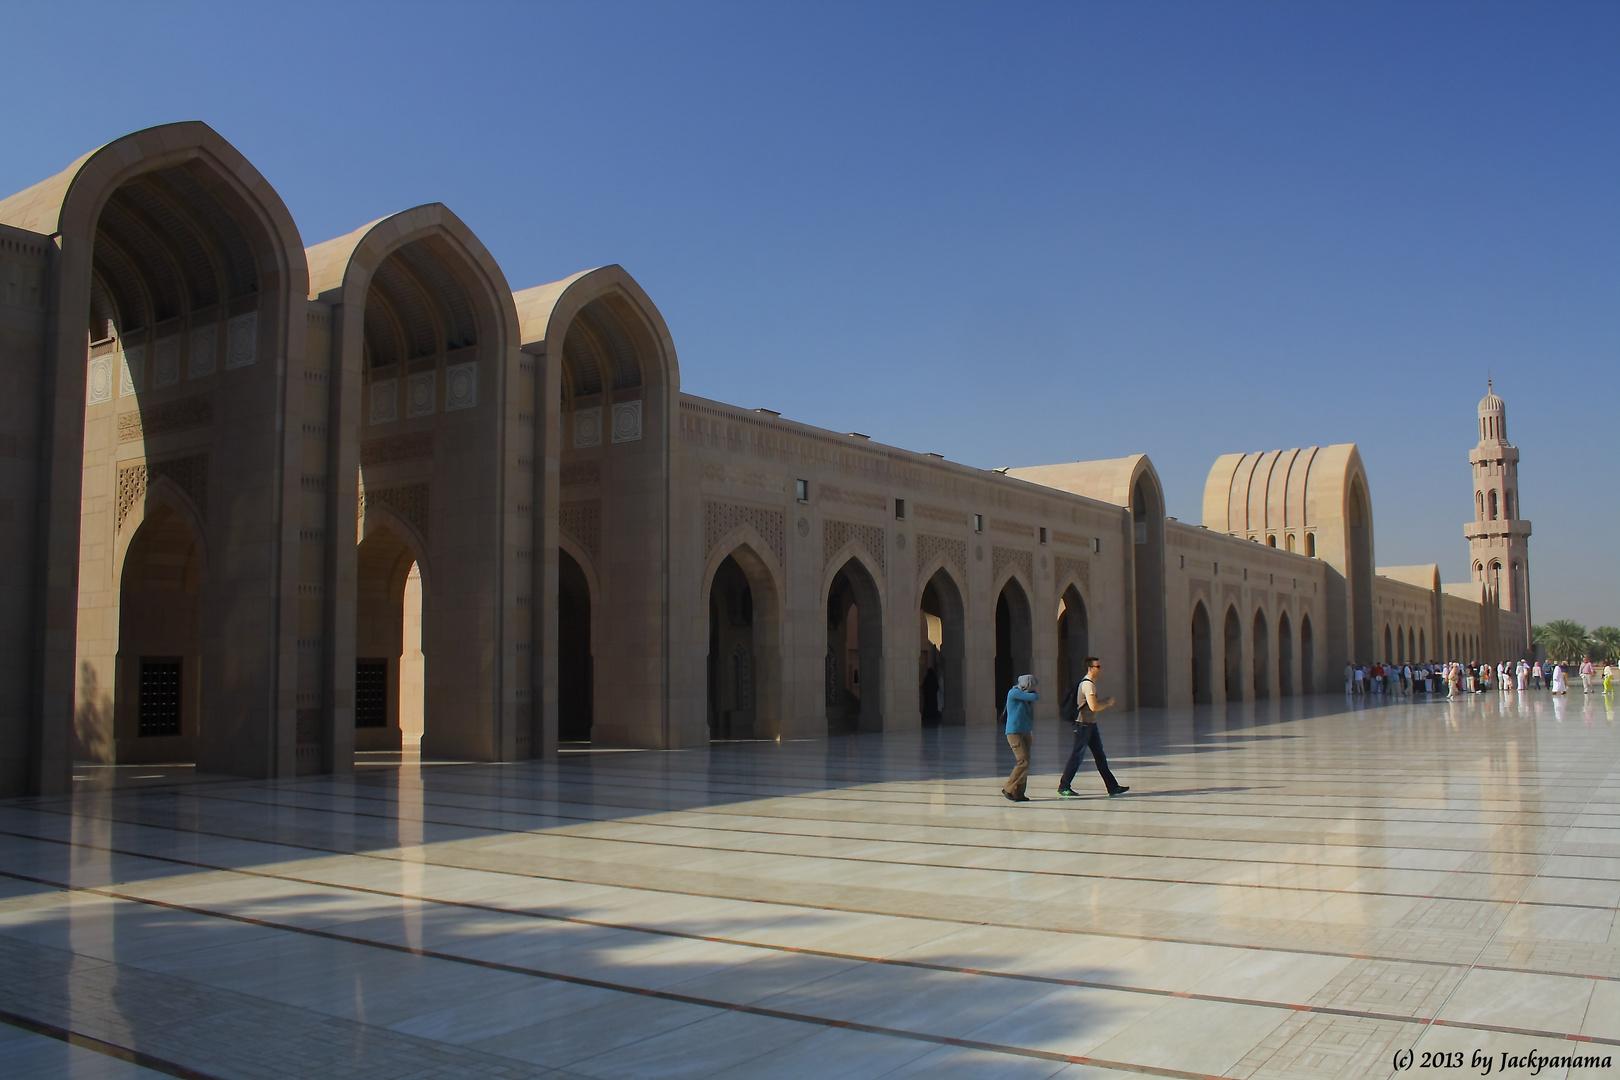 Sultan-Qaboos-Moschee in Muscat (Sultanat Oman) (1)